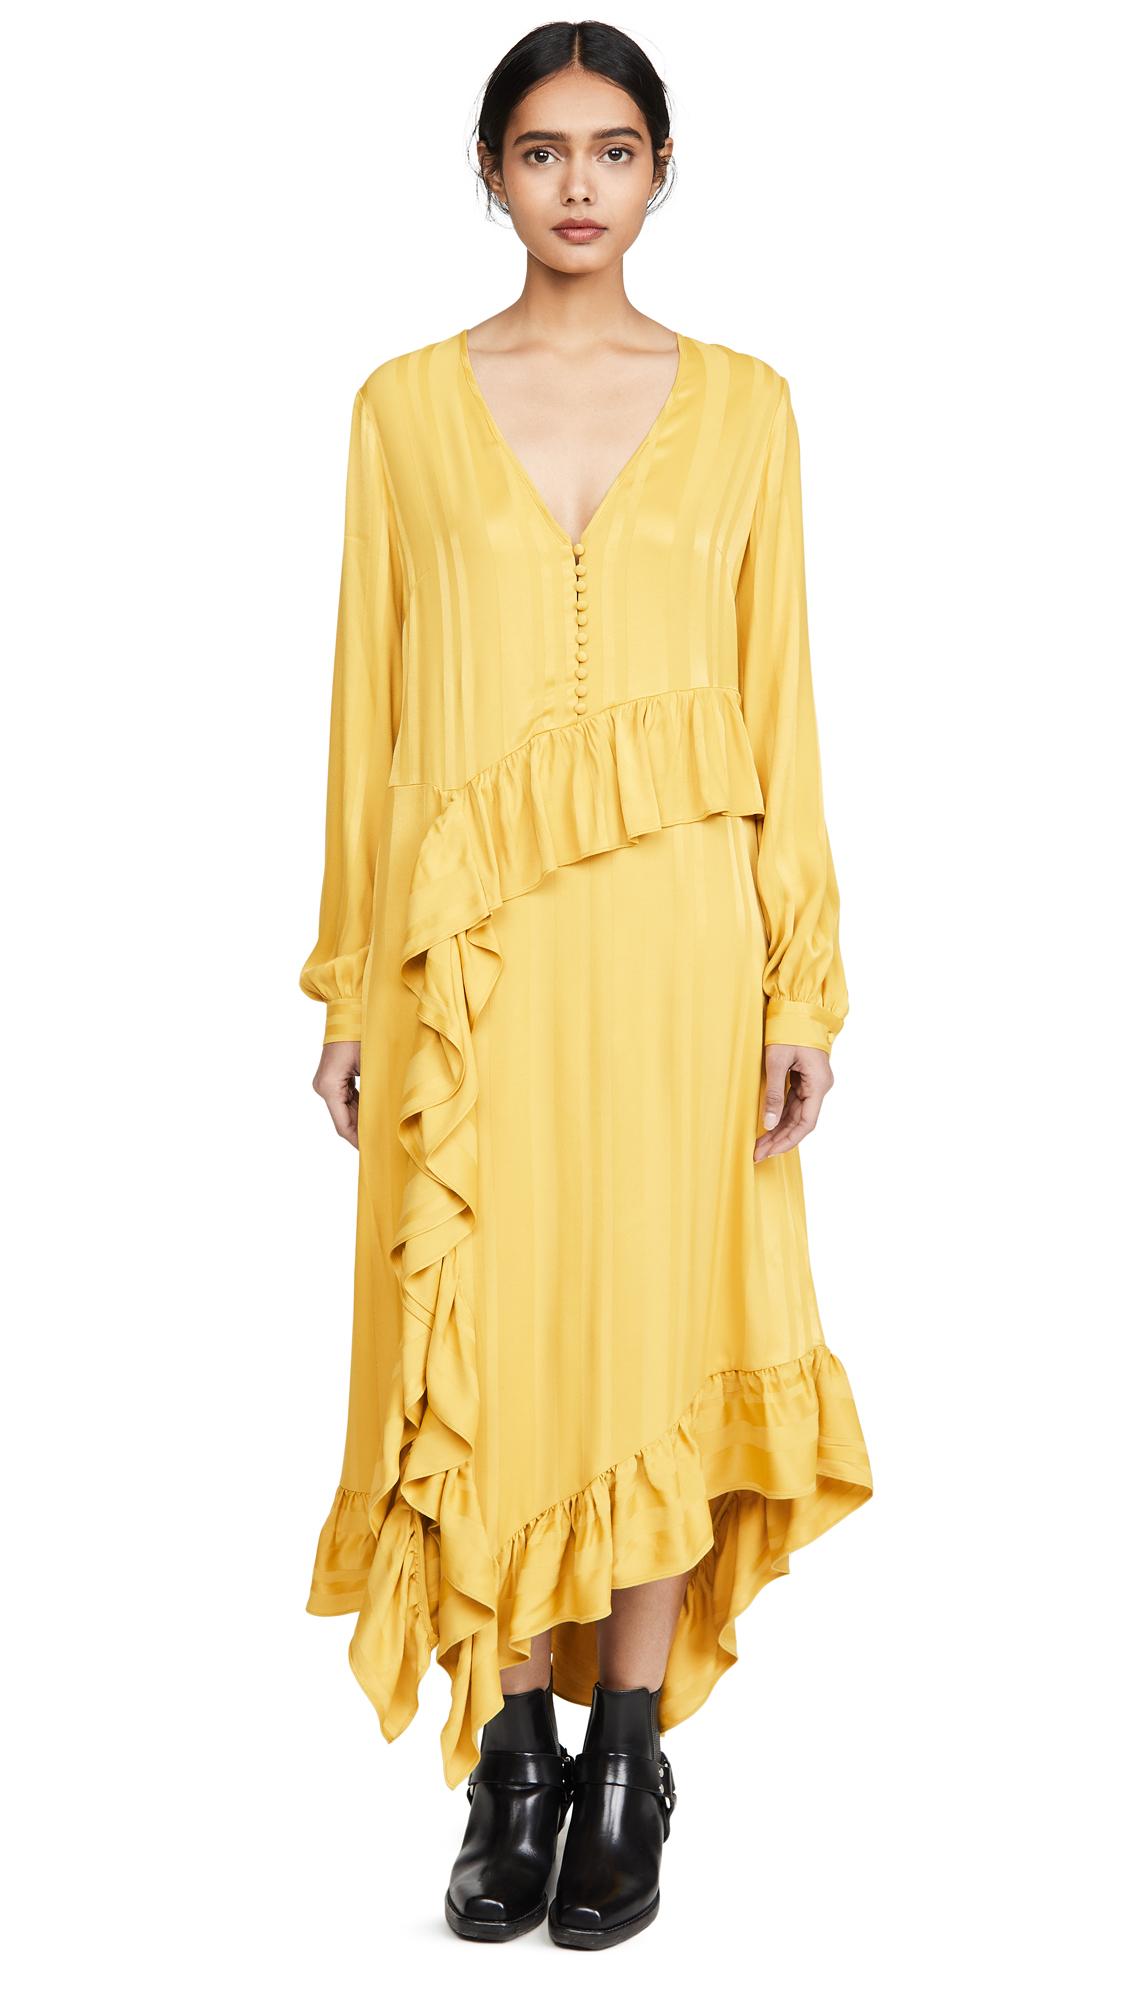 Hofmann Copenhagen Josie Dress - 60% Off Sale